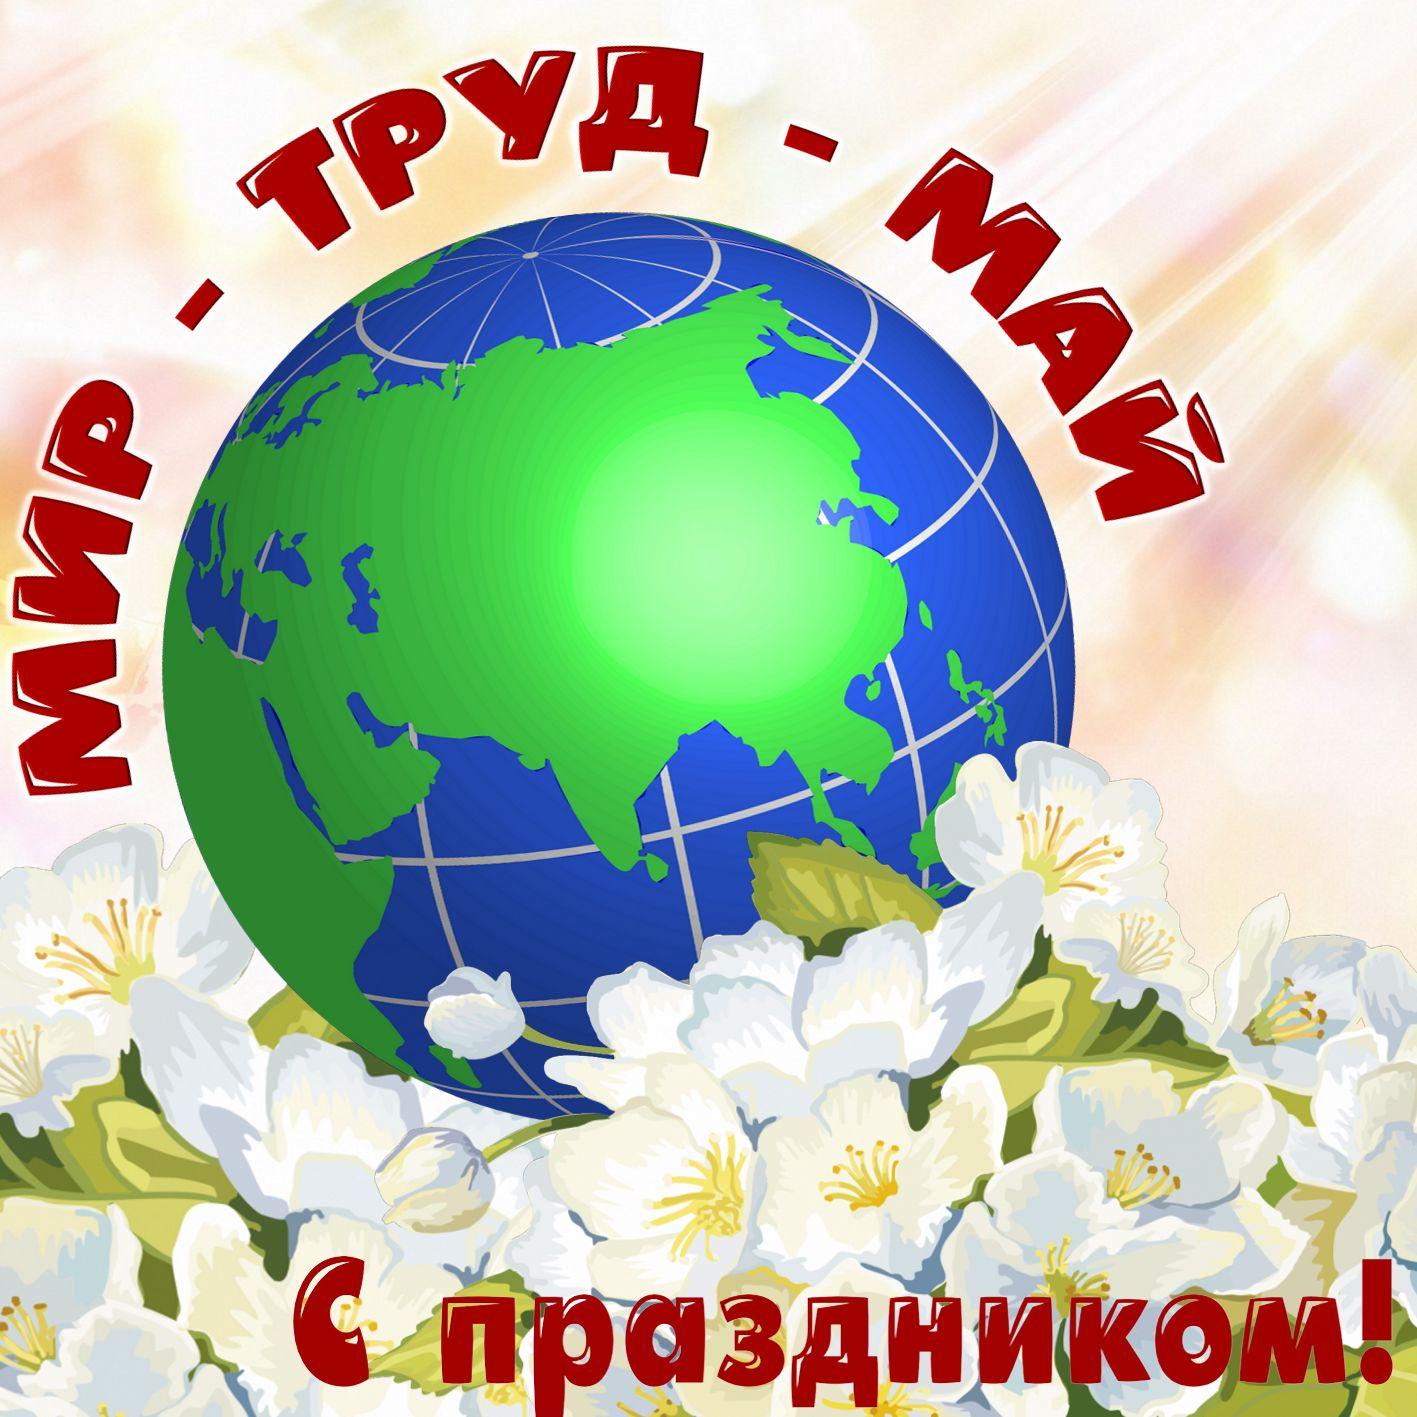 Мир-труд-май и планета на фоне цветов